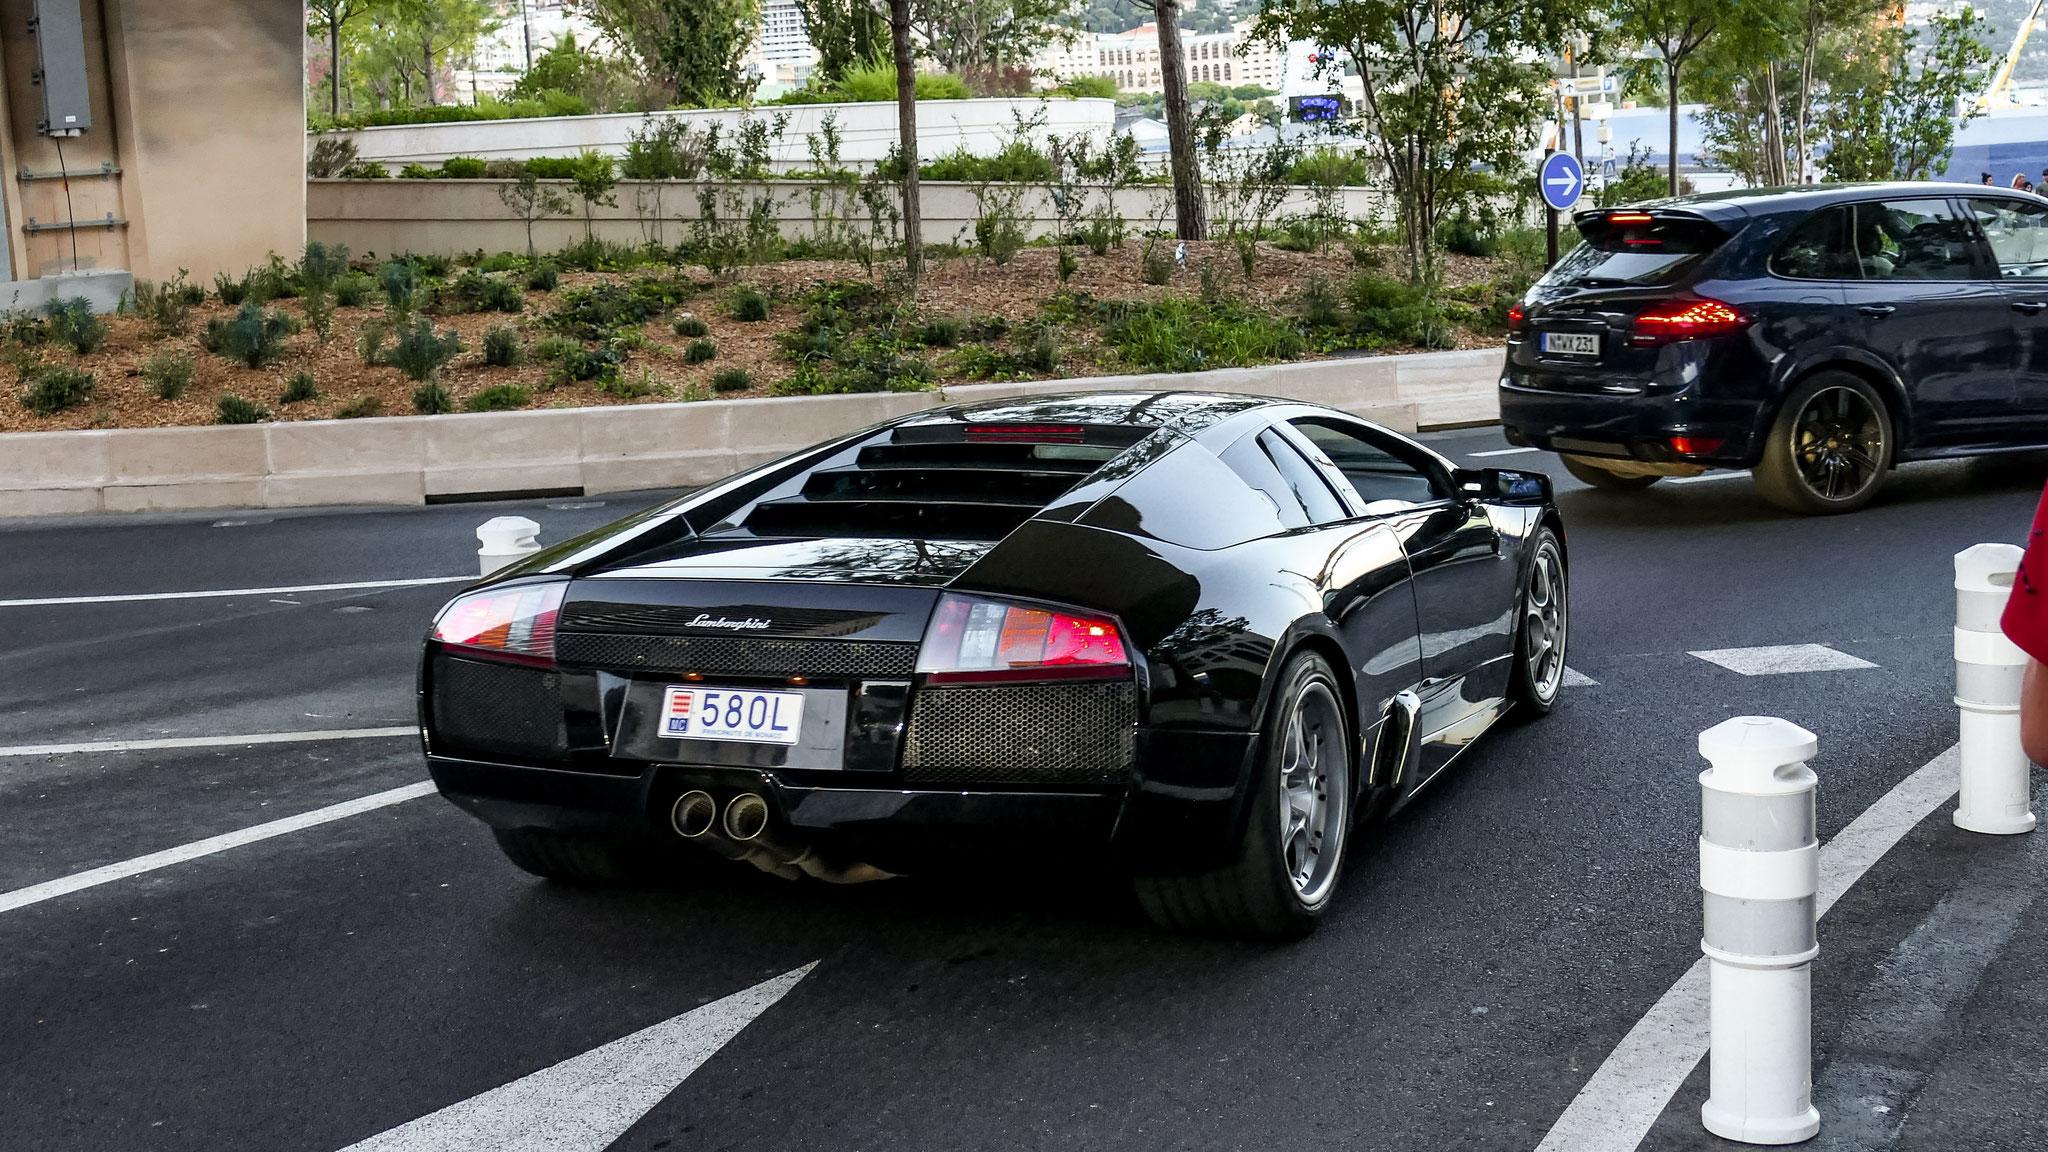 Lamborghini Murcielago - 580L (MC)